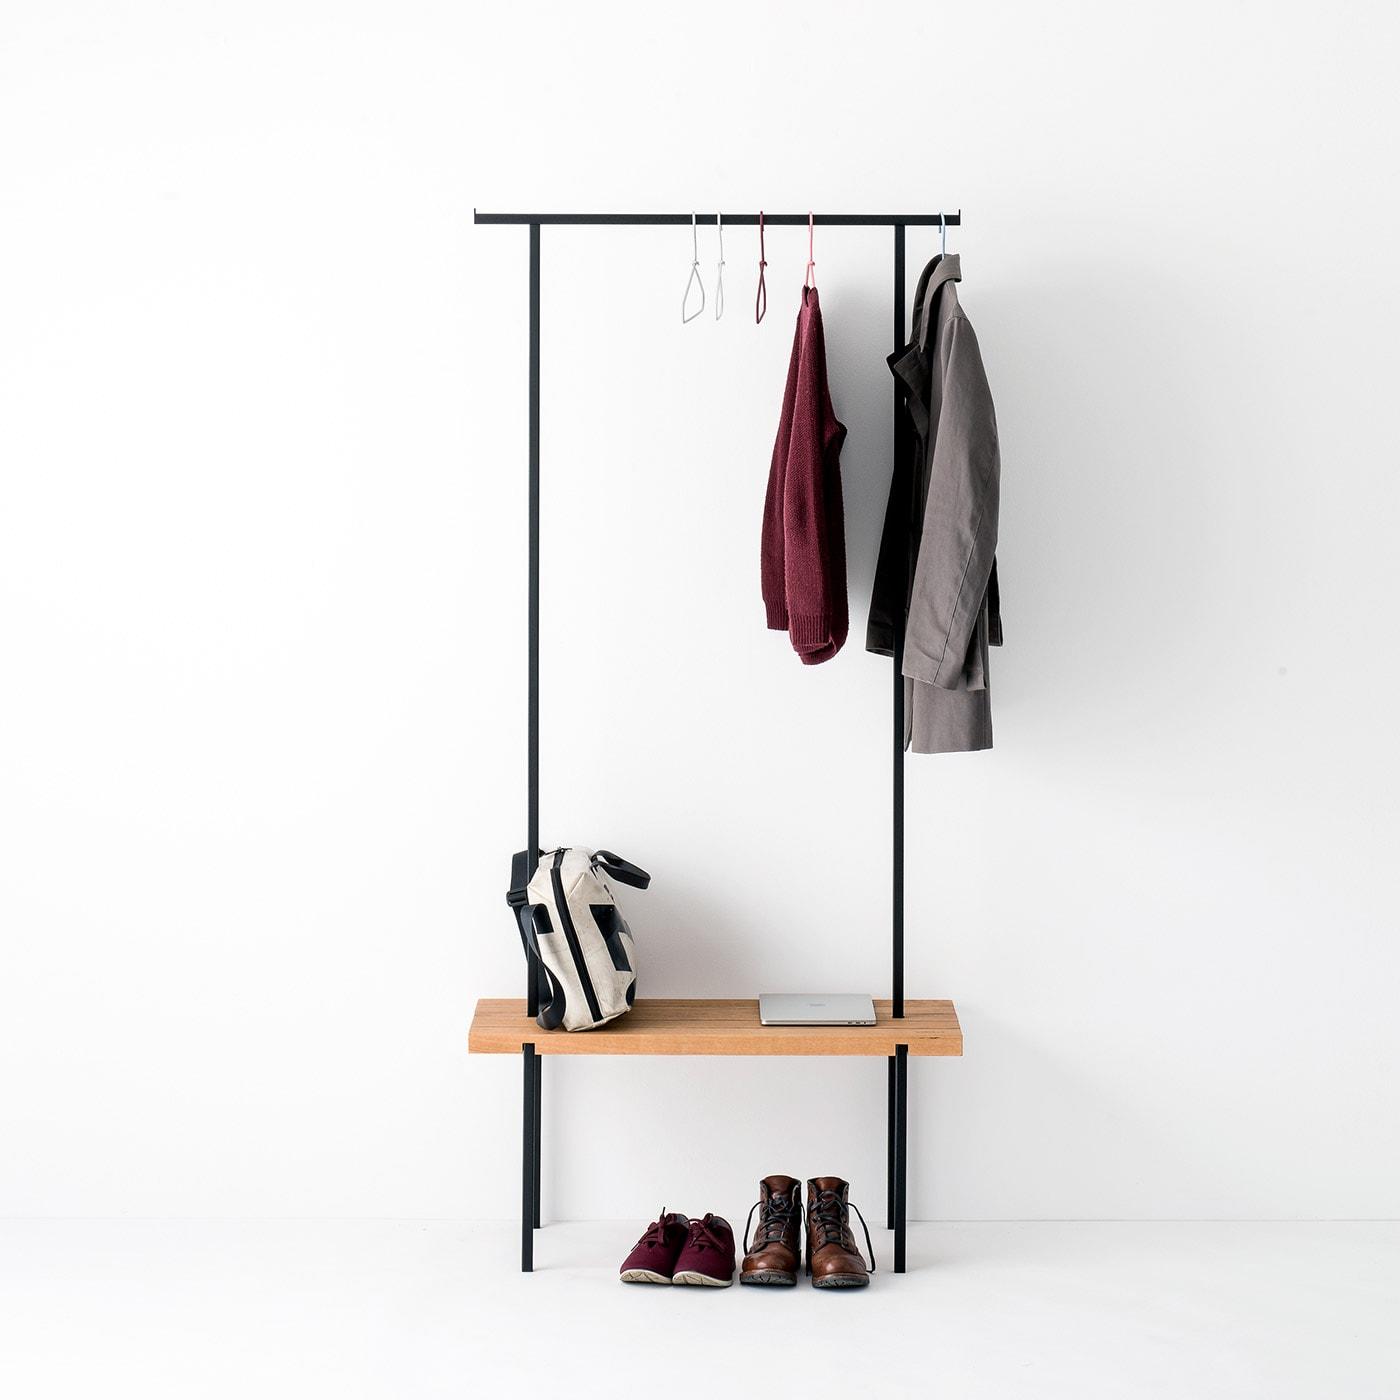 garderobe 01 eiche massivholz braun kleiderstange metall schwarz weldco 01